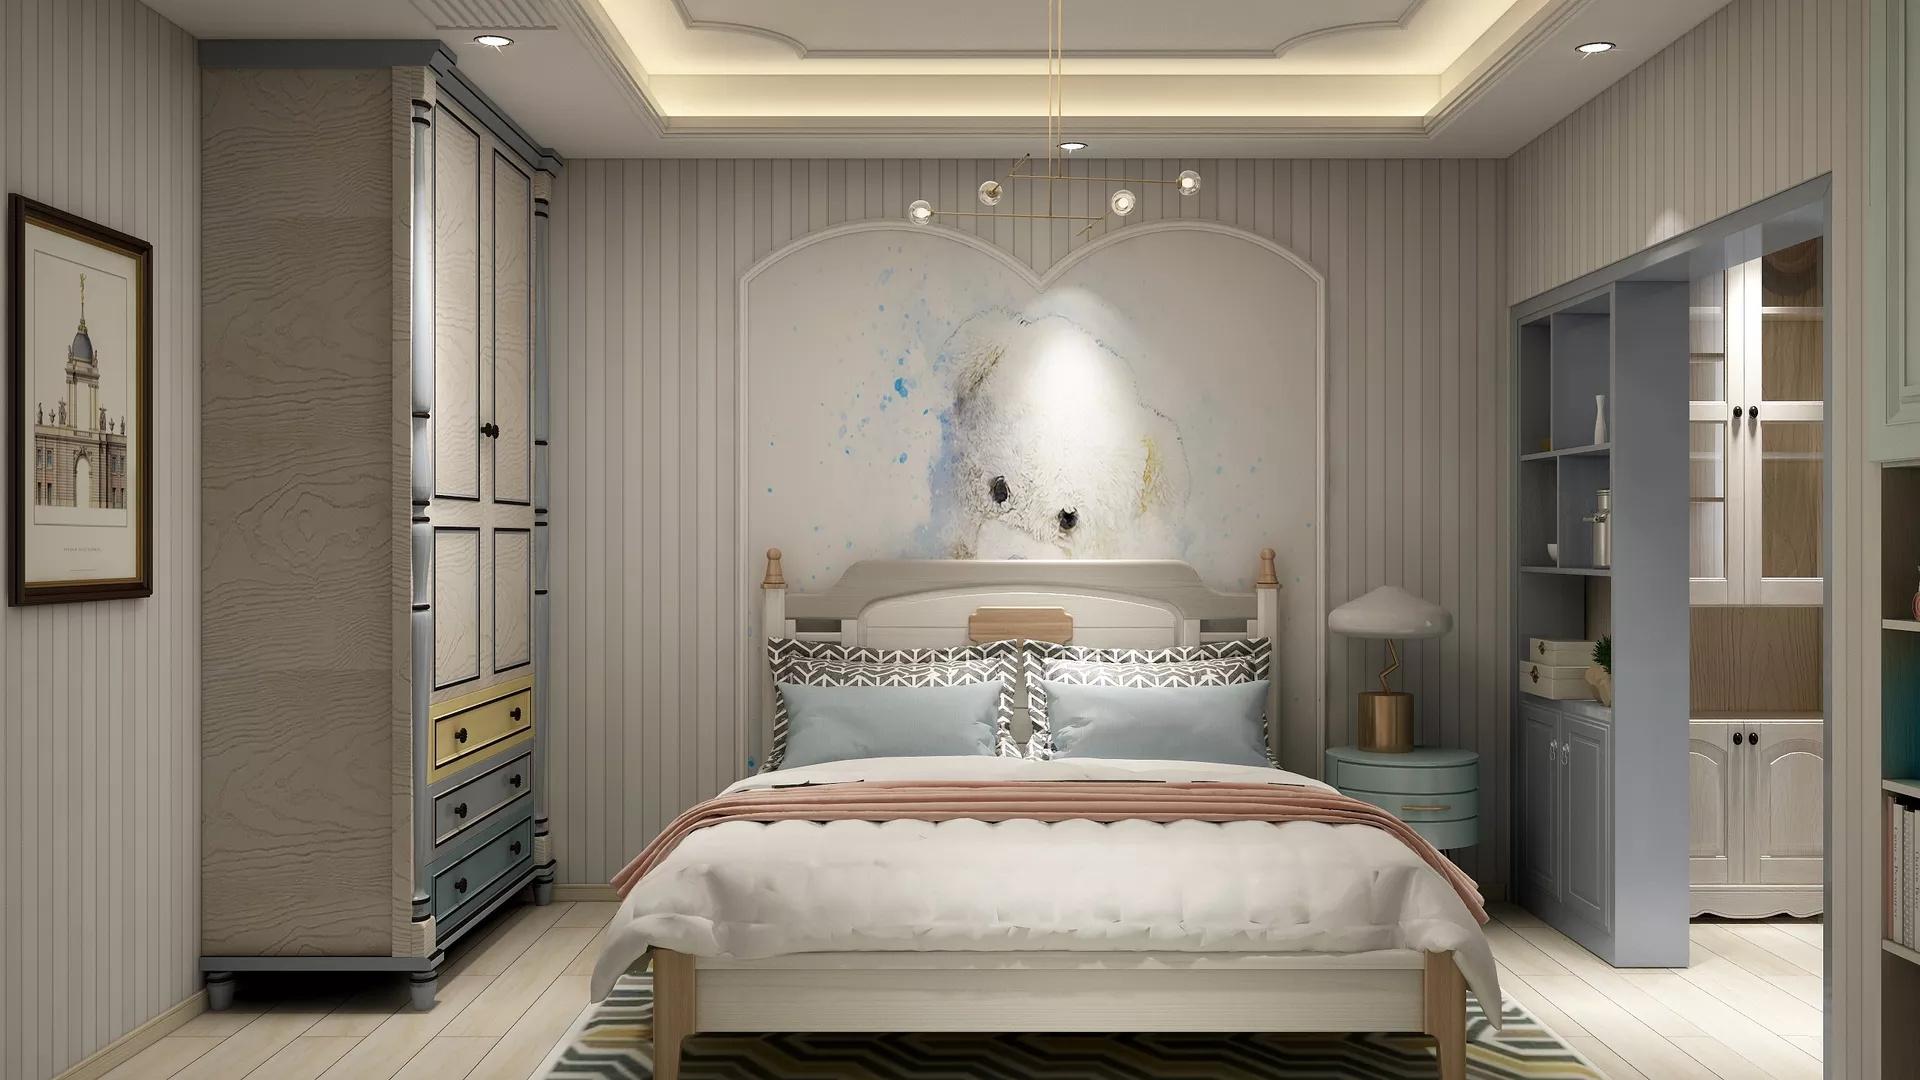 卧室壁纸风格有哪些 卧室贴哪种壁纸好看